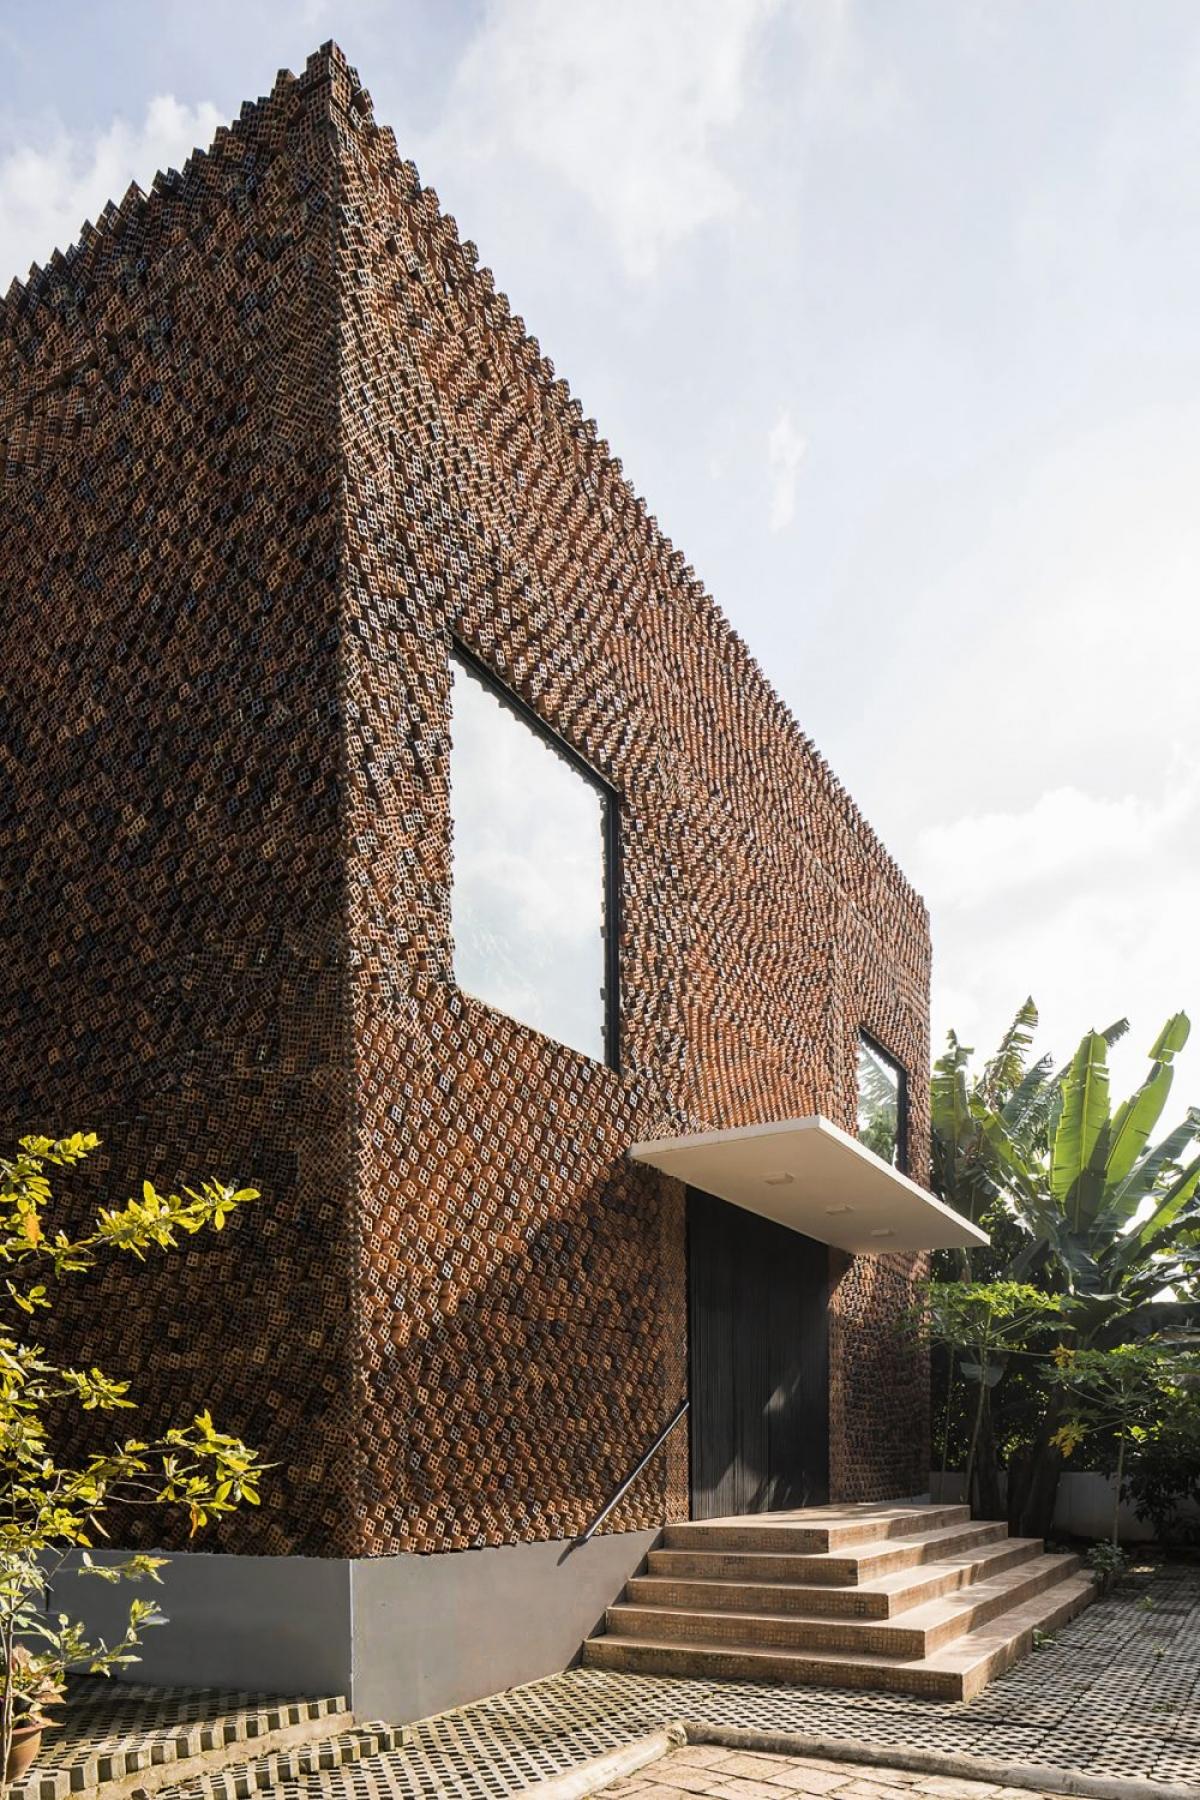 Viên gạch bốn lỗ được xếp chồng chéo lên nhau tạo thành một căn nhà quả là một sự kỳ công, tỉ mỉ.